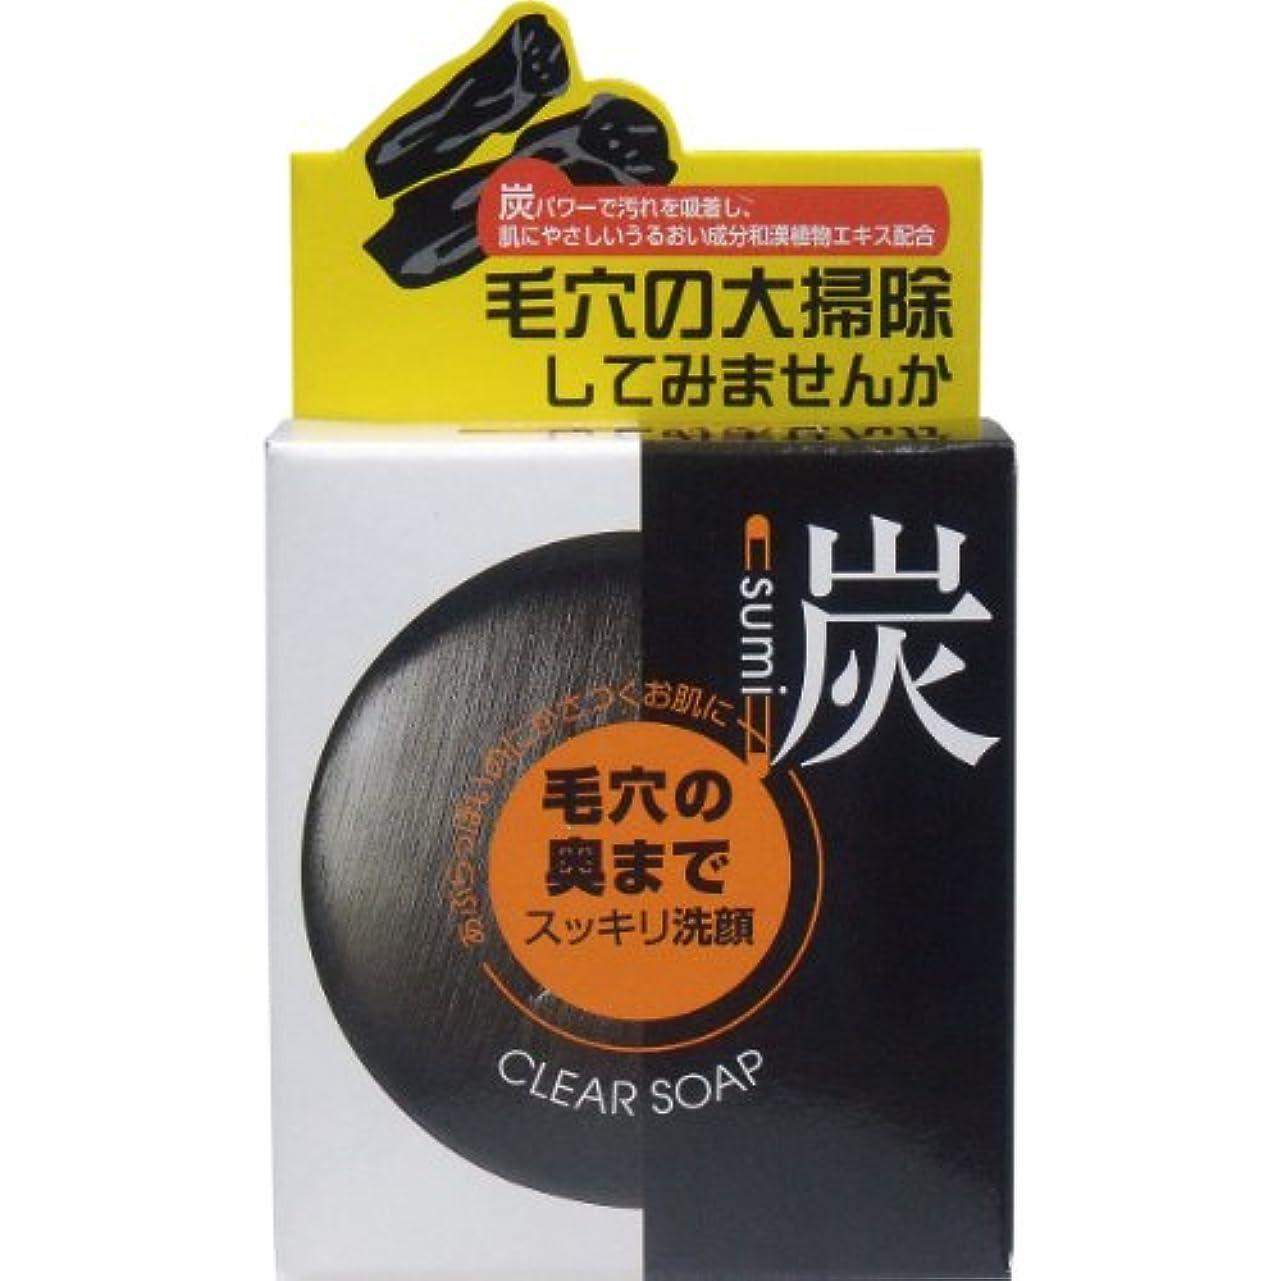 ステッチ認可雑種ユゼ 炭透明石けん 無香料?無着色 100g